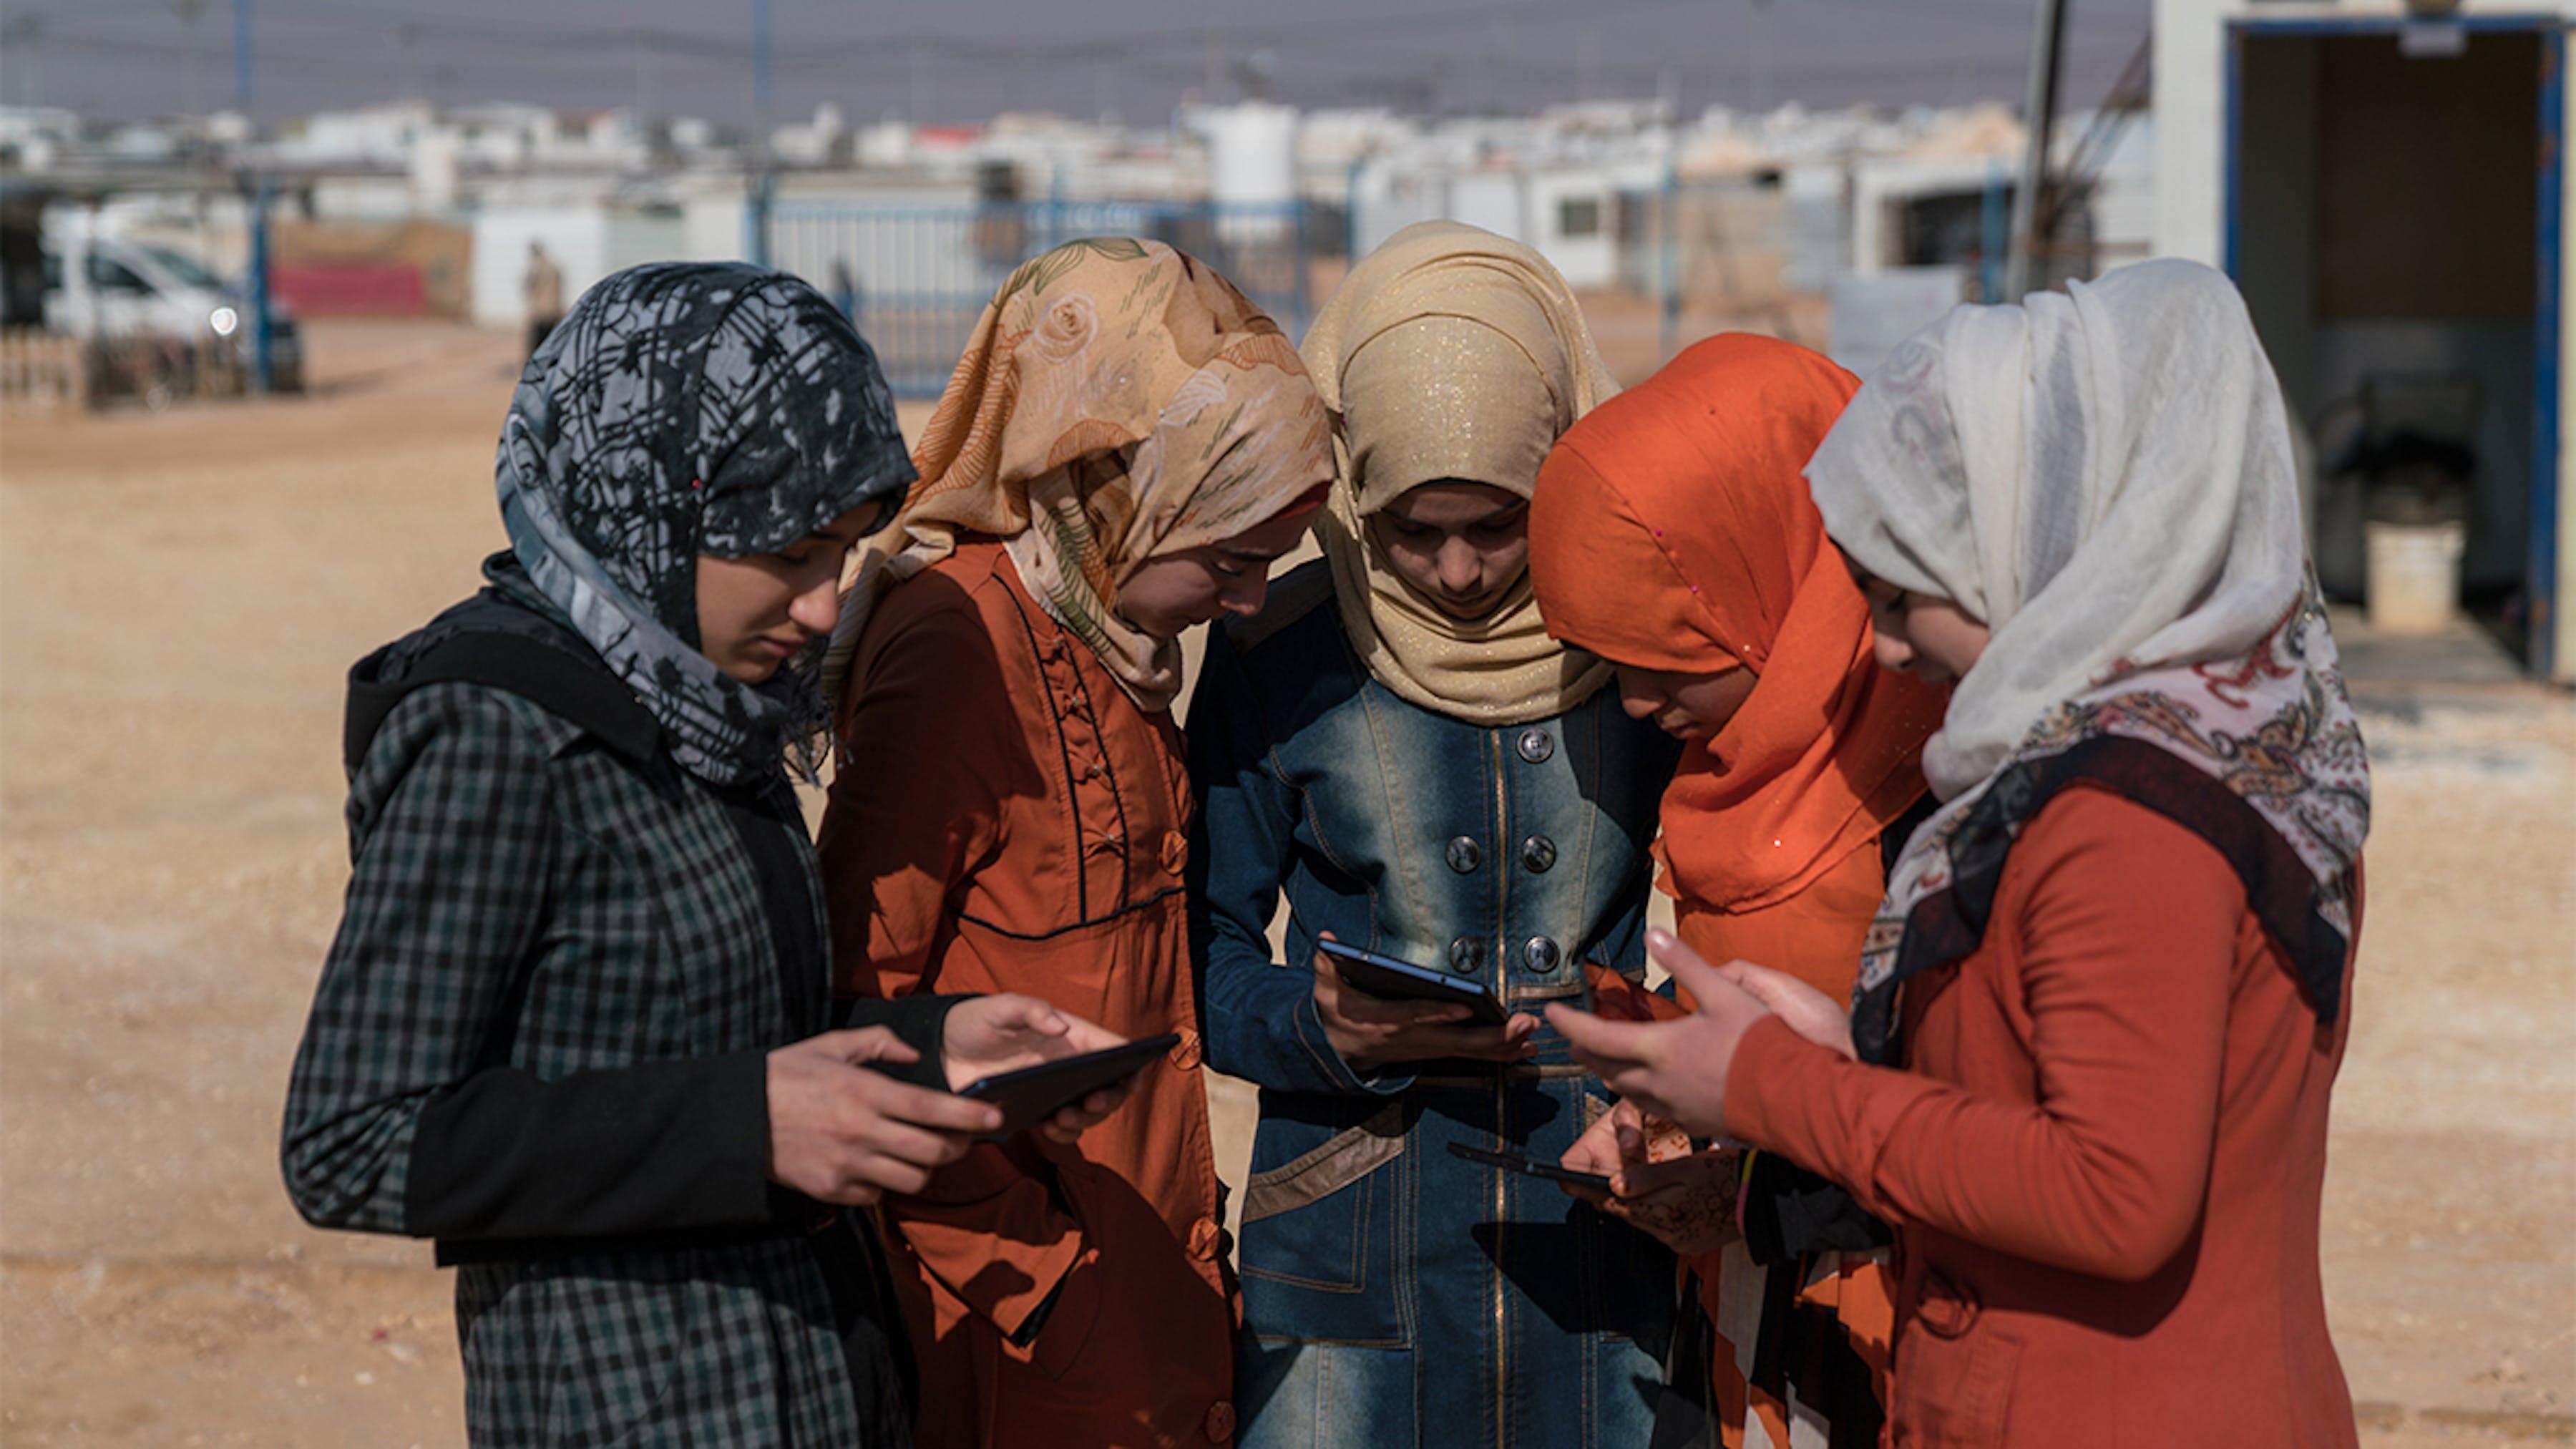 Giordania, ragazze rifugiate siriane con smartphone e tablet per l'apprendimento a distanza.